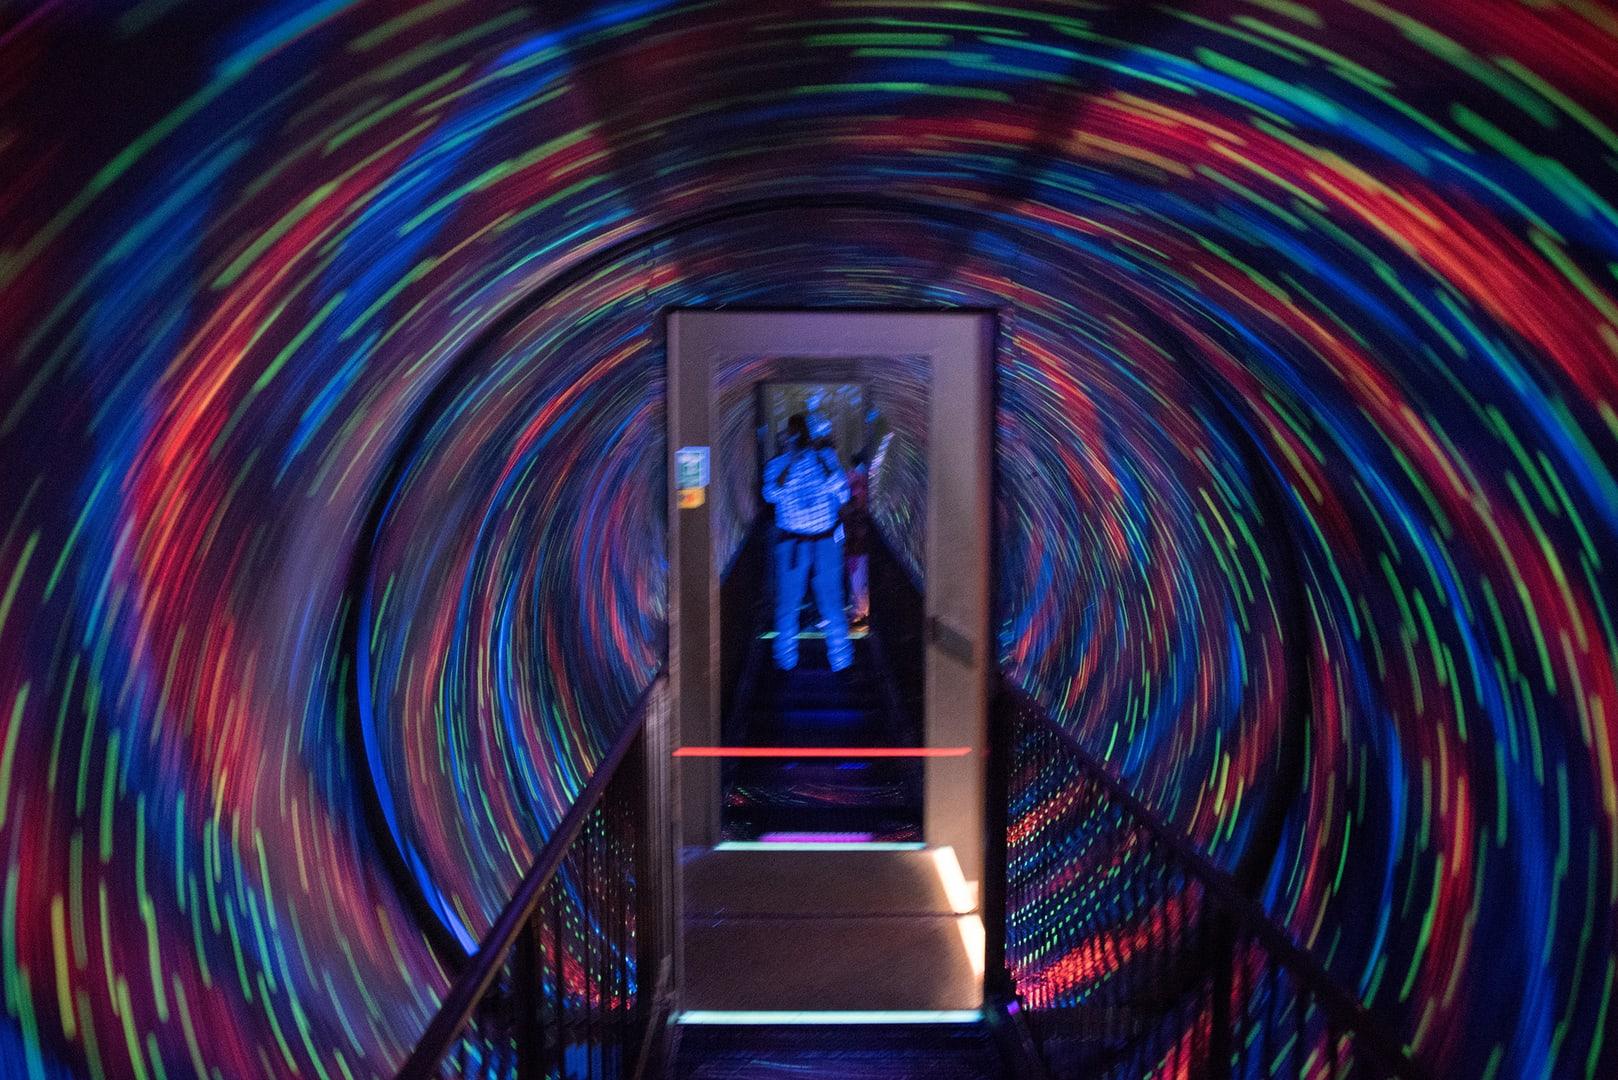 Studietur Edinburgh Camera Obscura